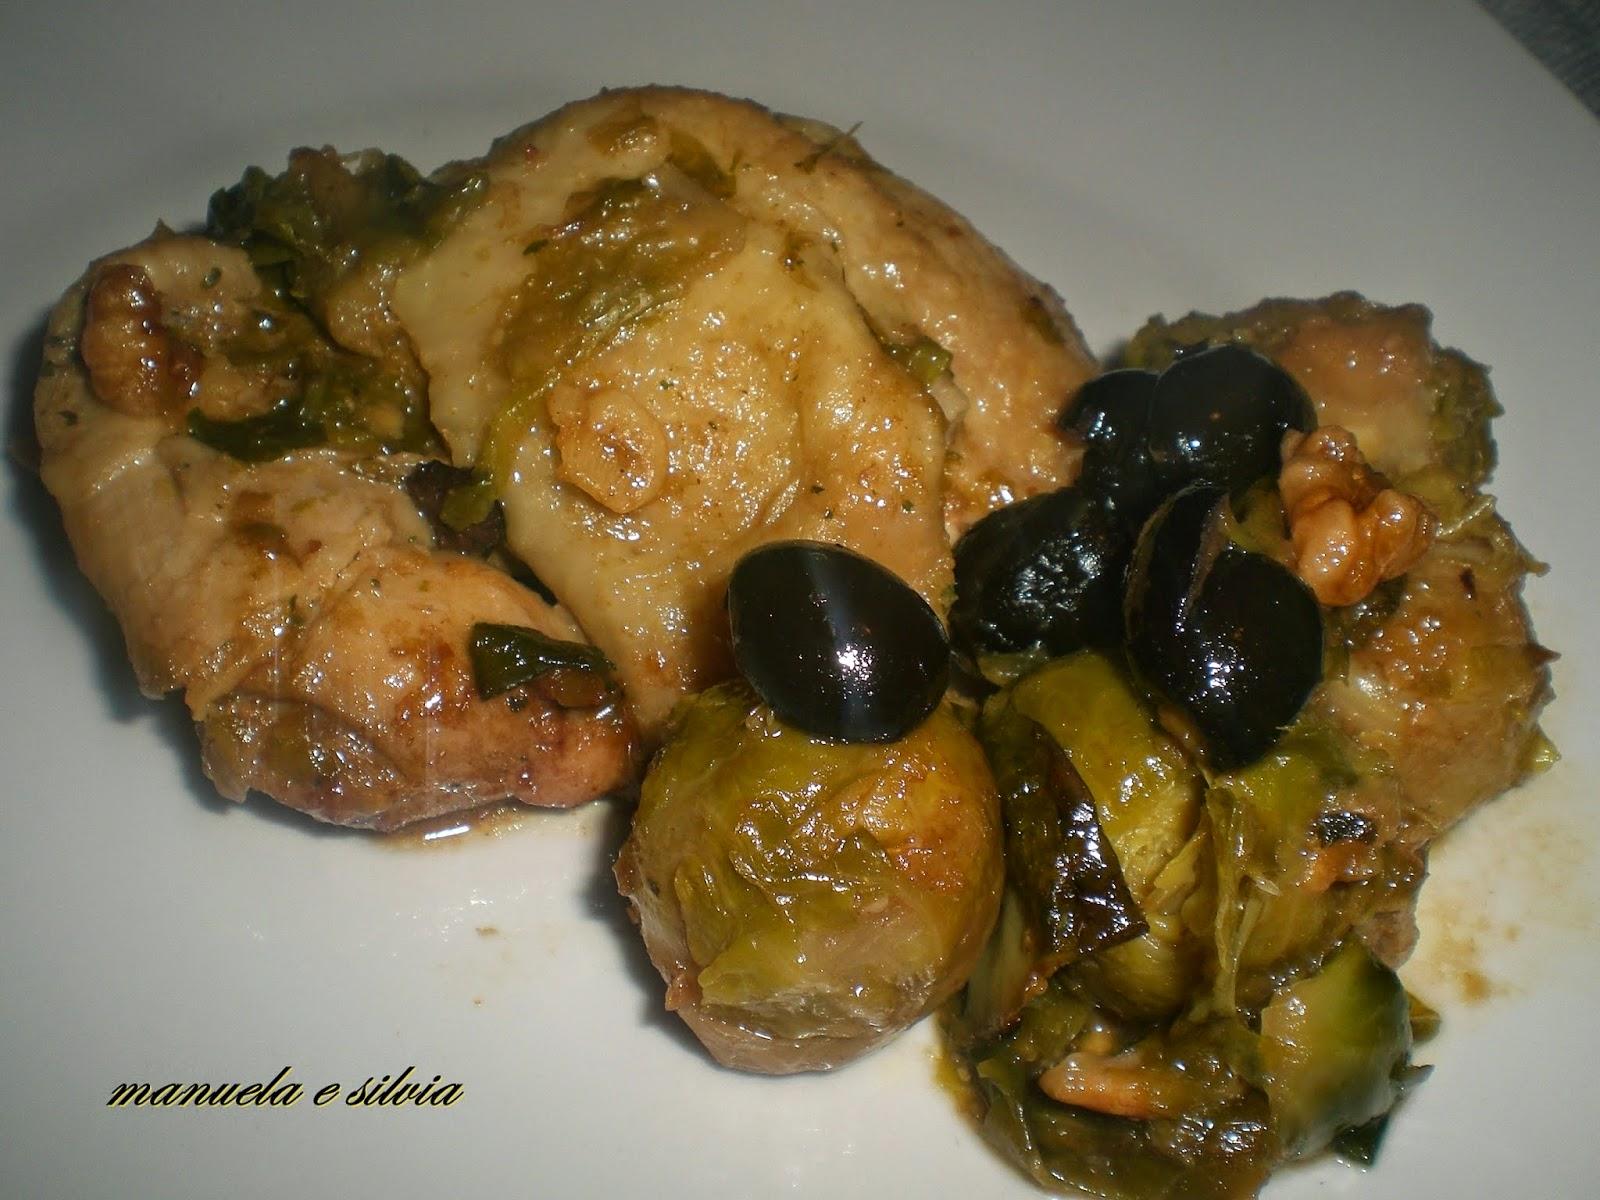 sovracosce di pollo ai cavolini, olive nere, croccanti noci e panettone